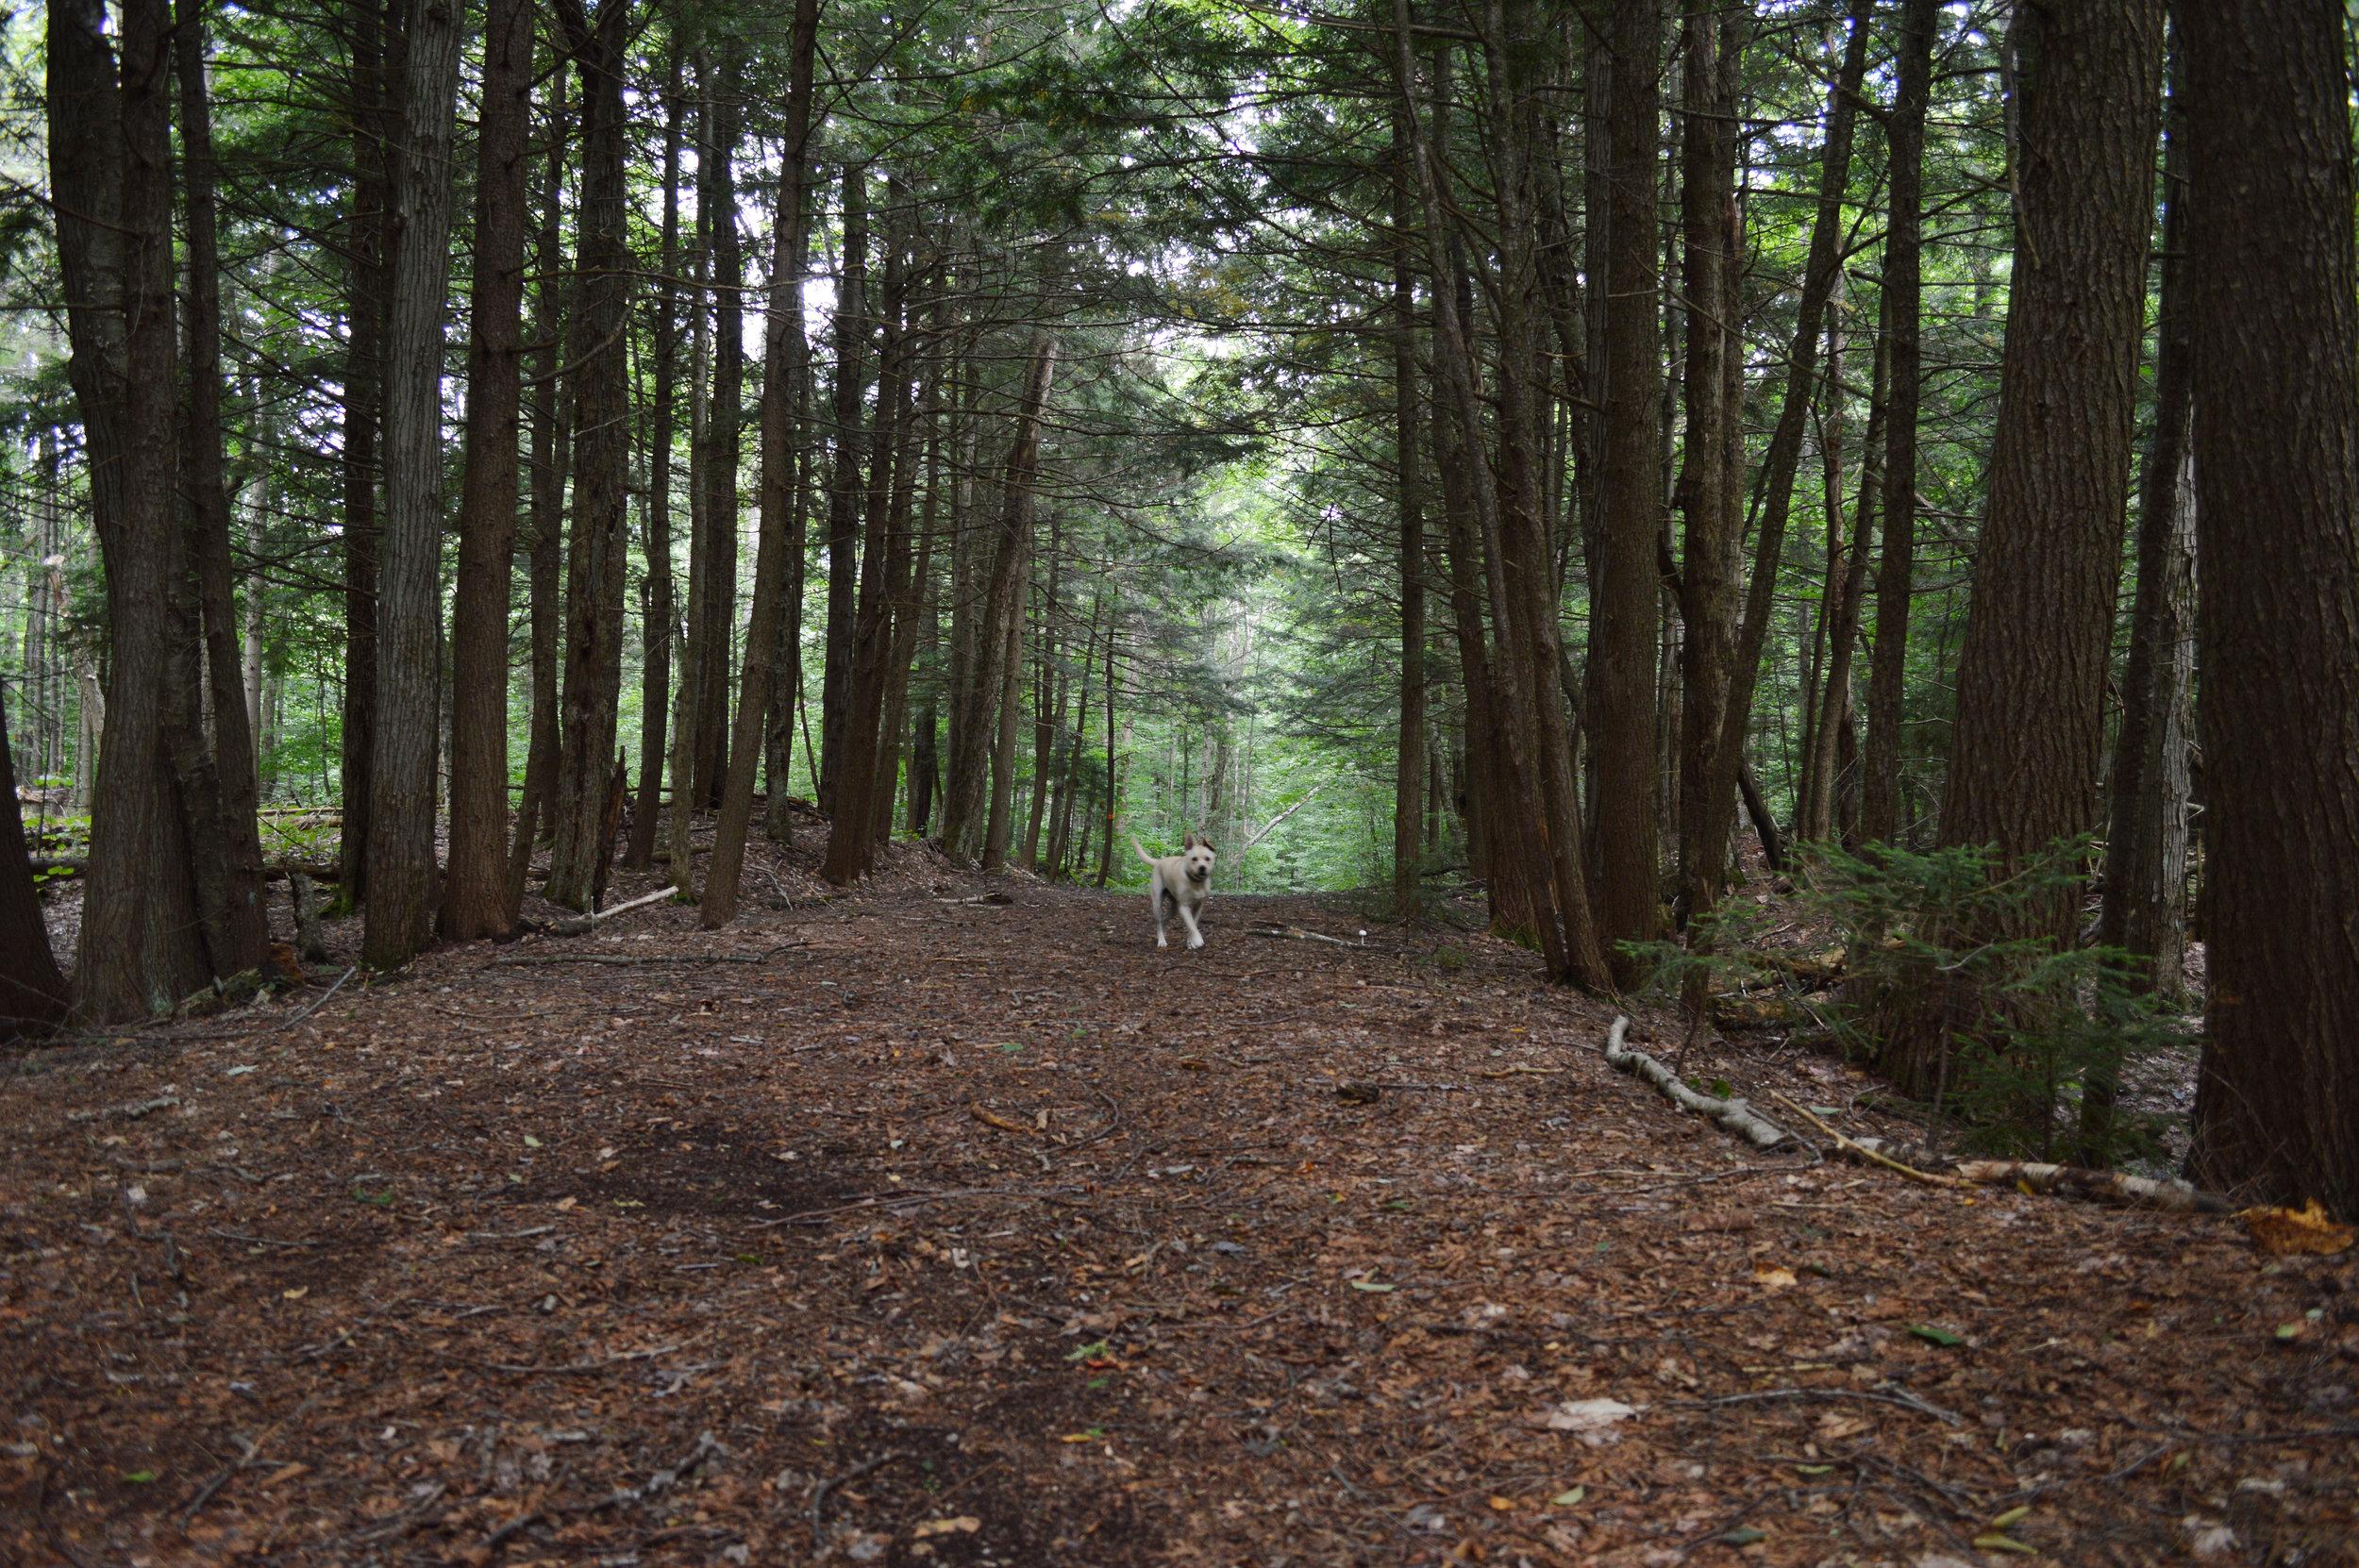 Dax hiking Adirondacks